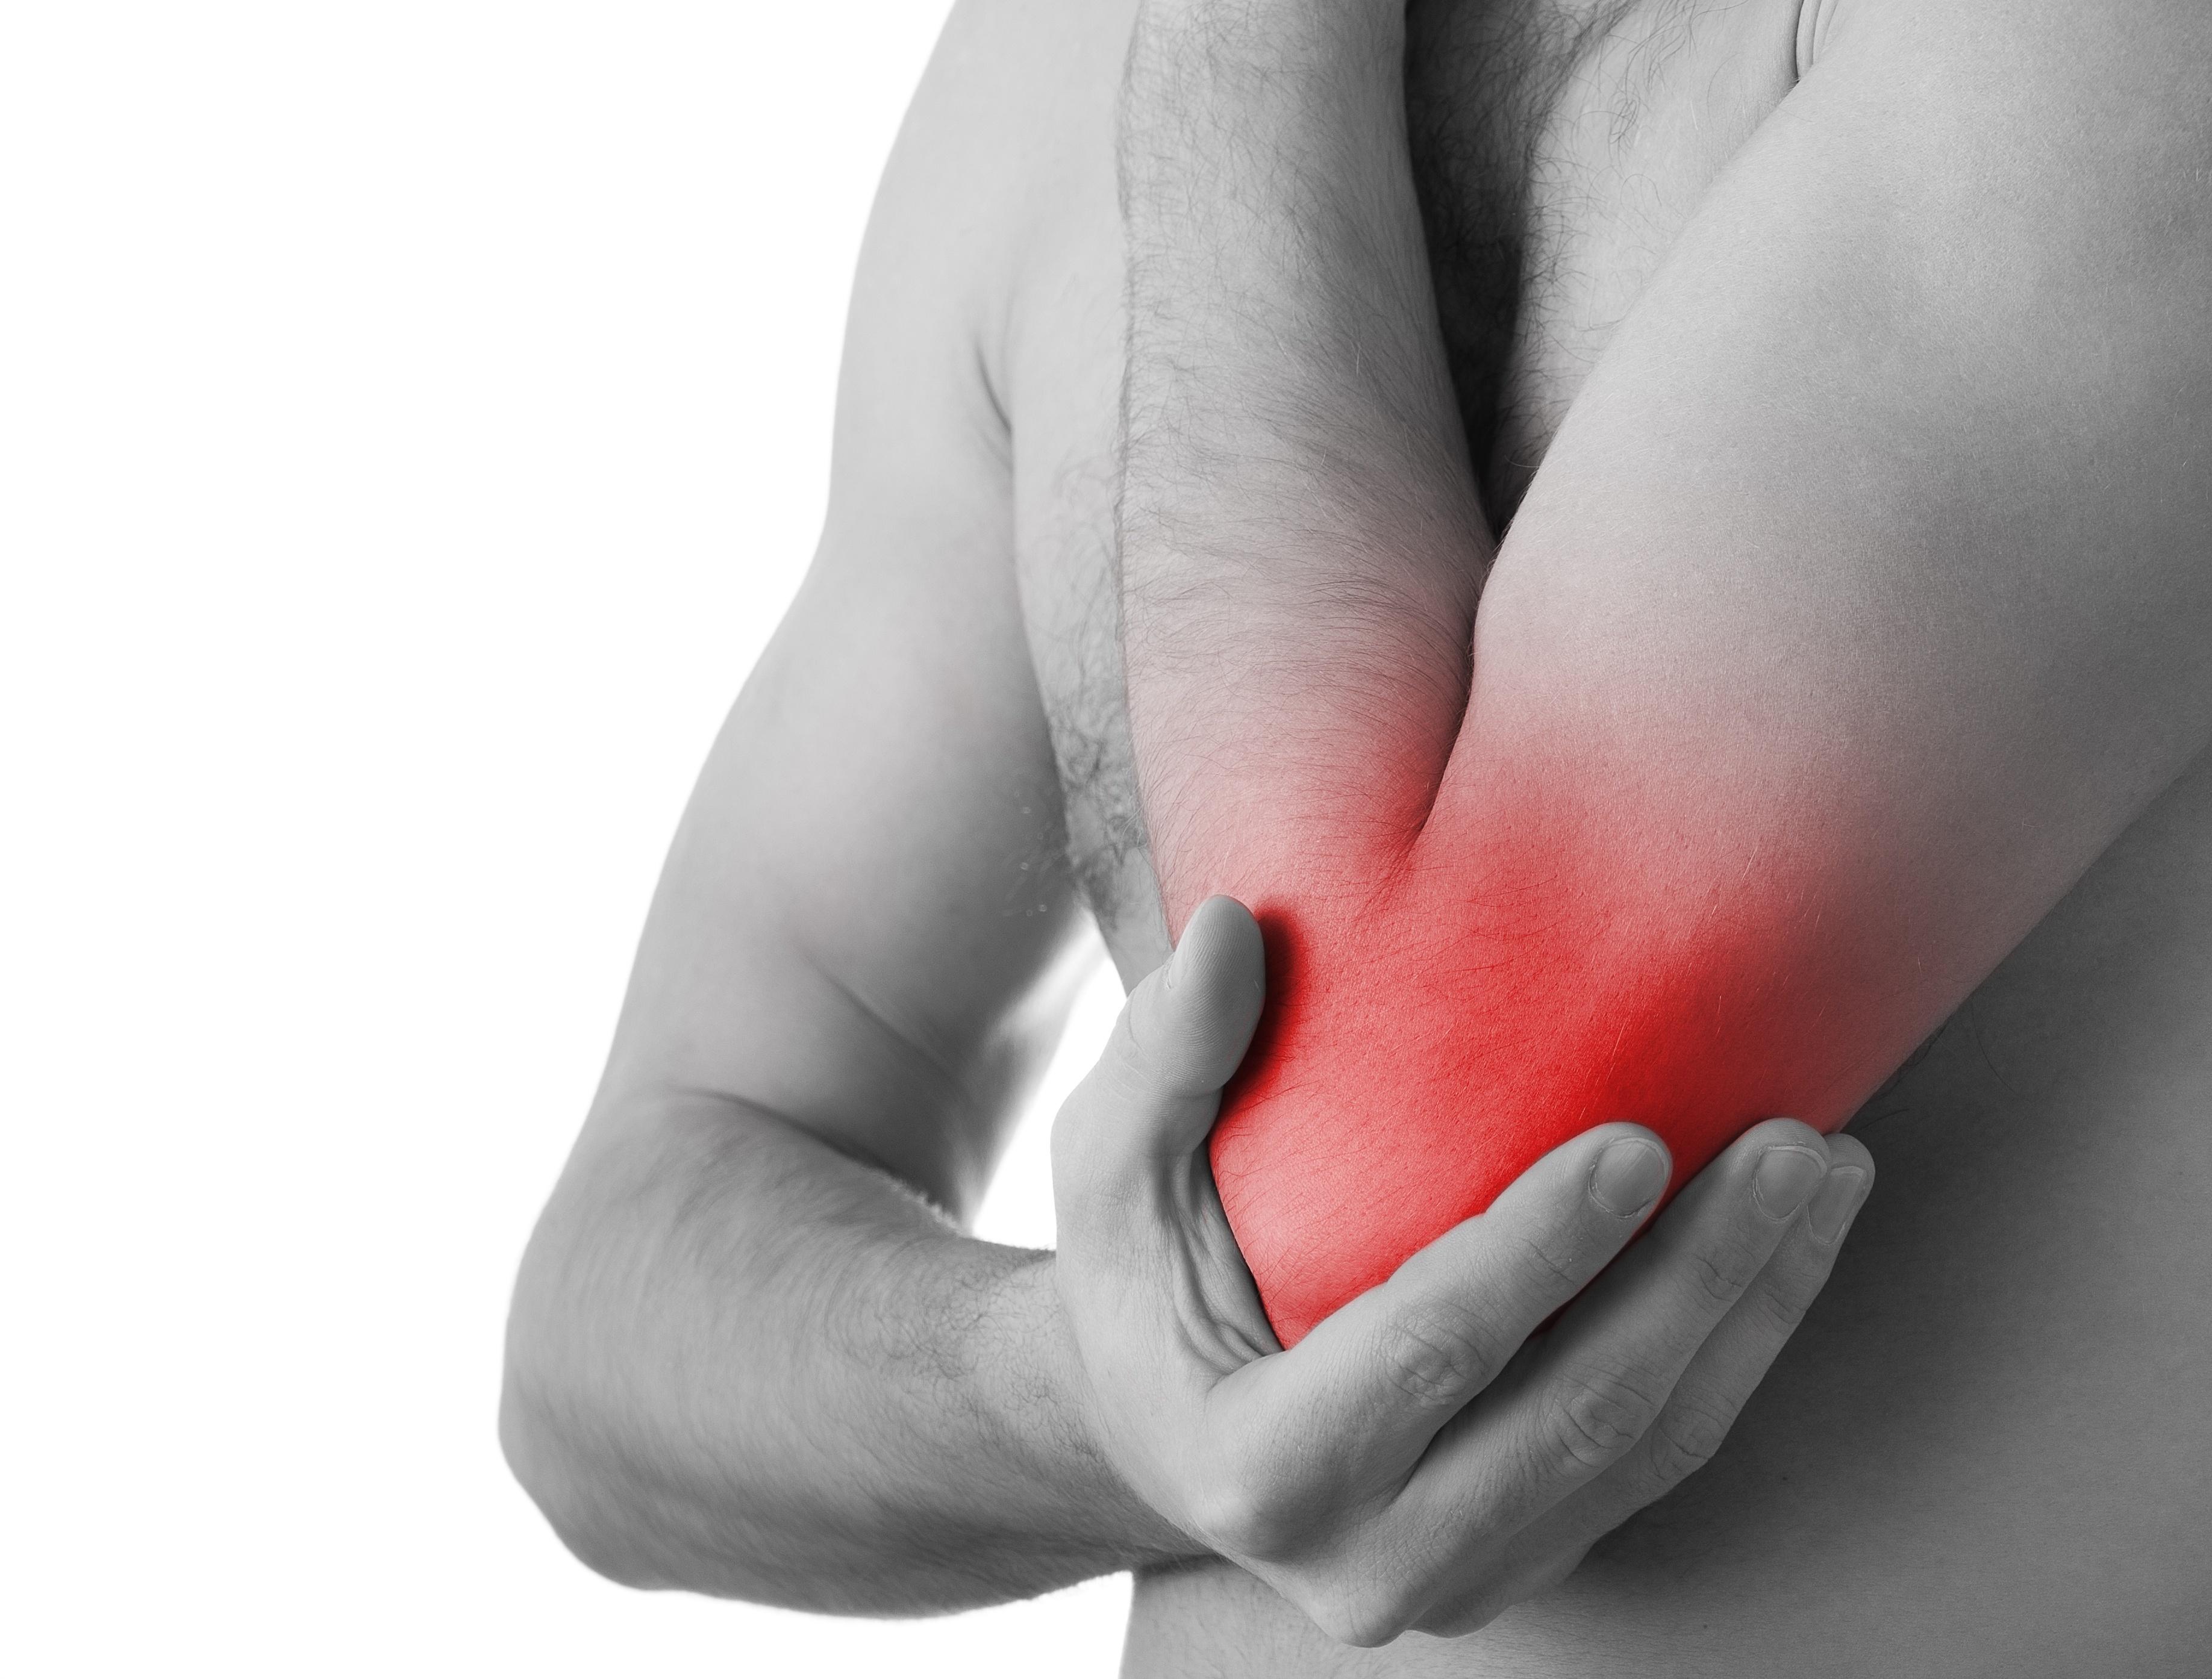 hogyan lehet megfulladni ízületi fájdalmak